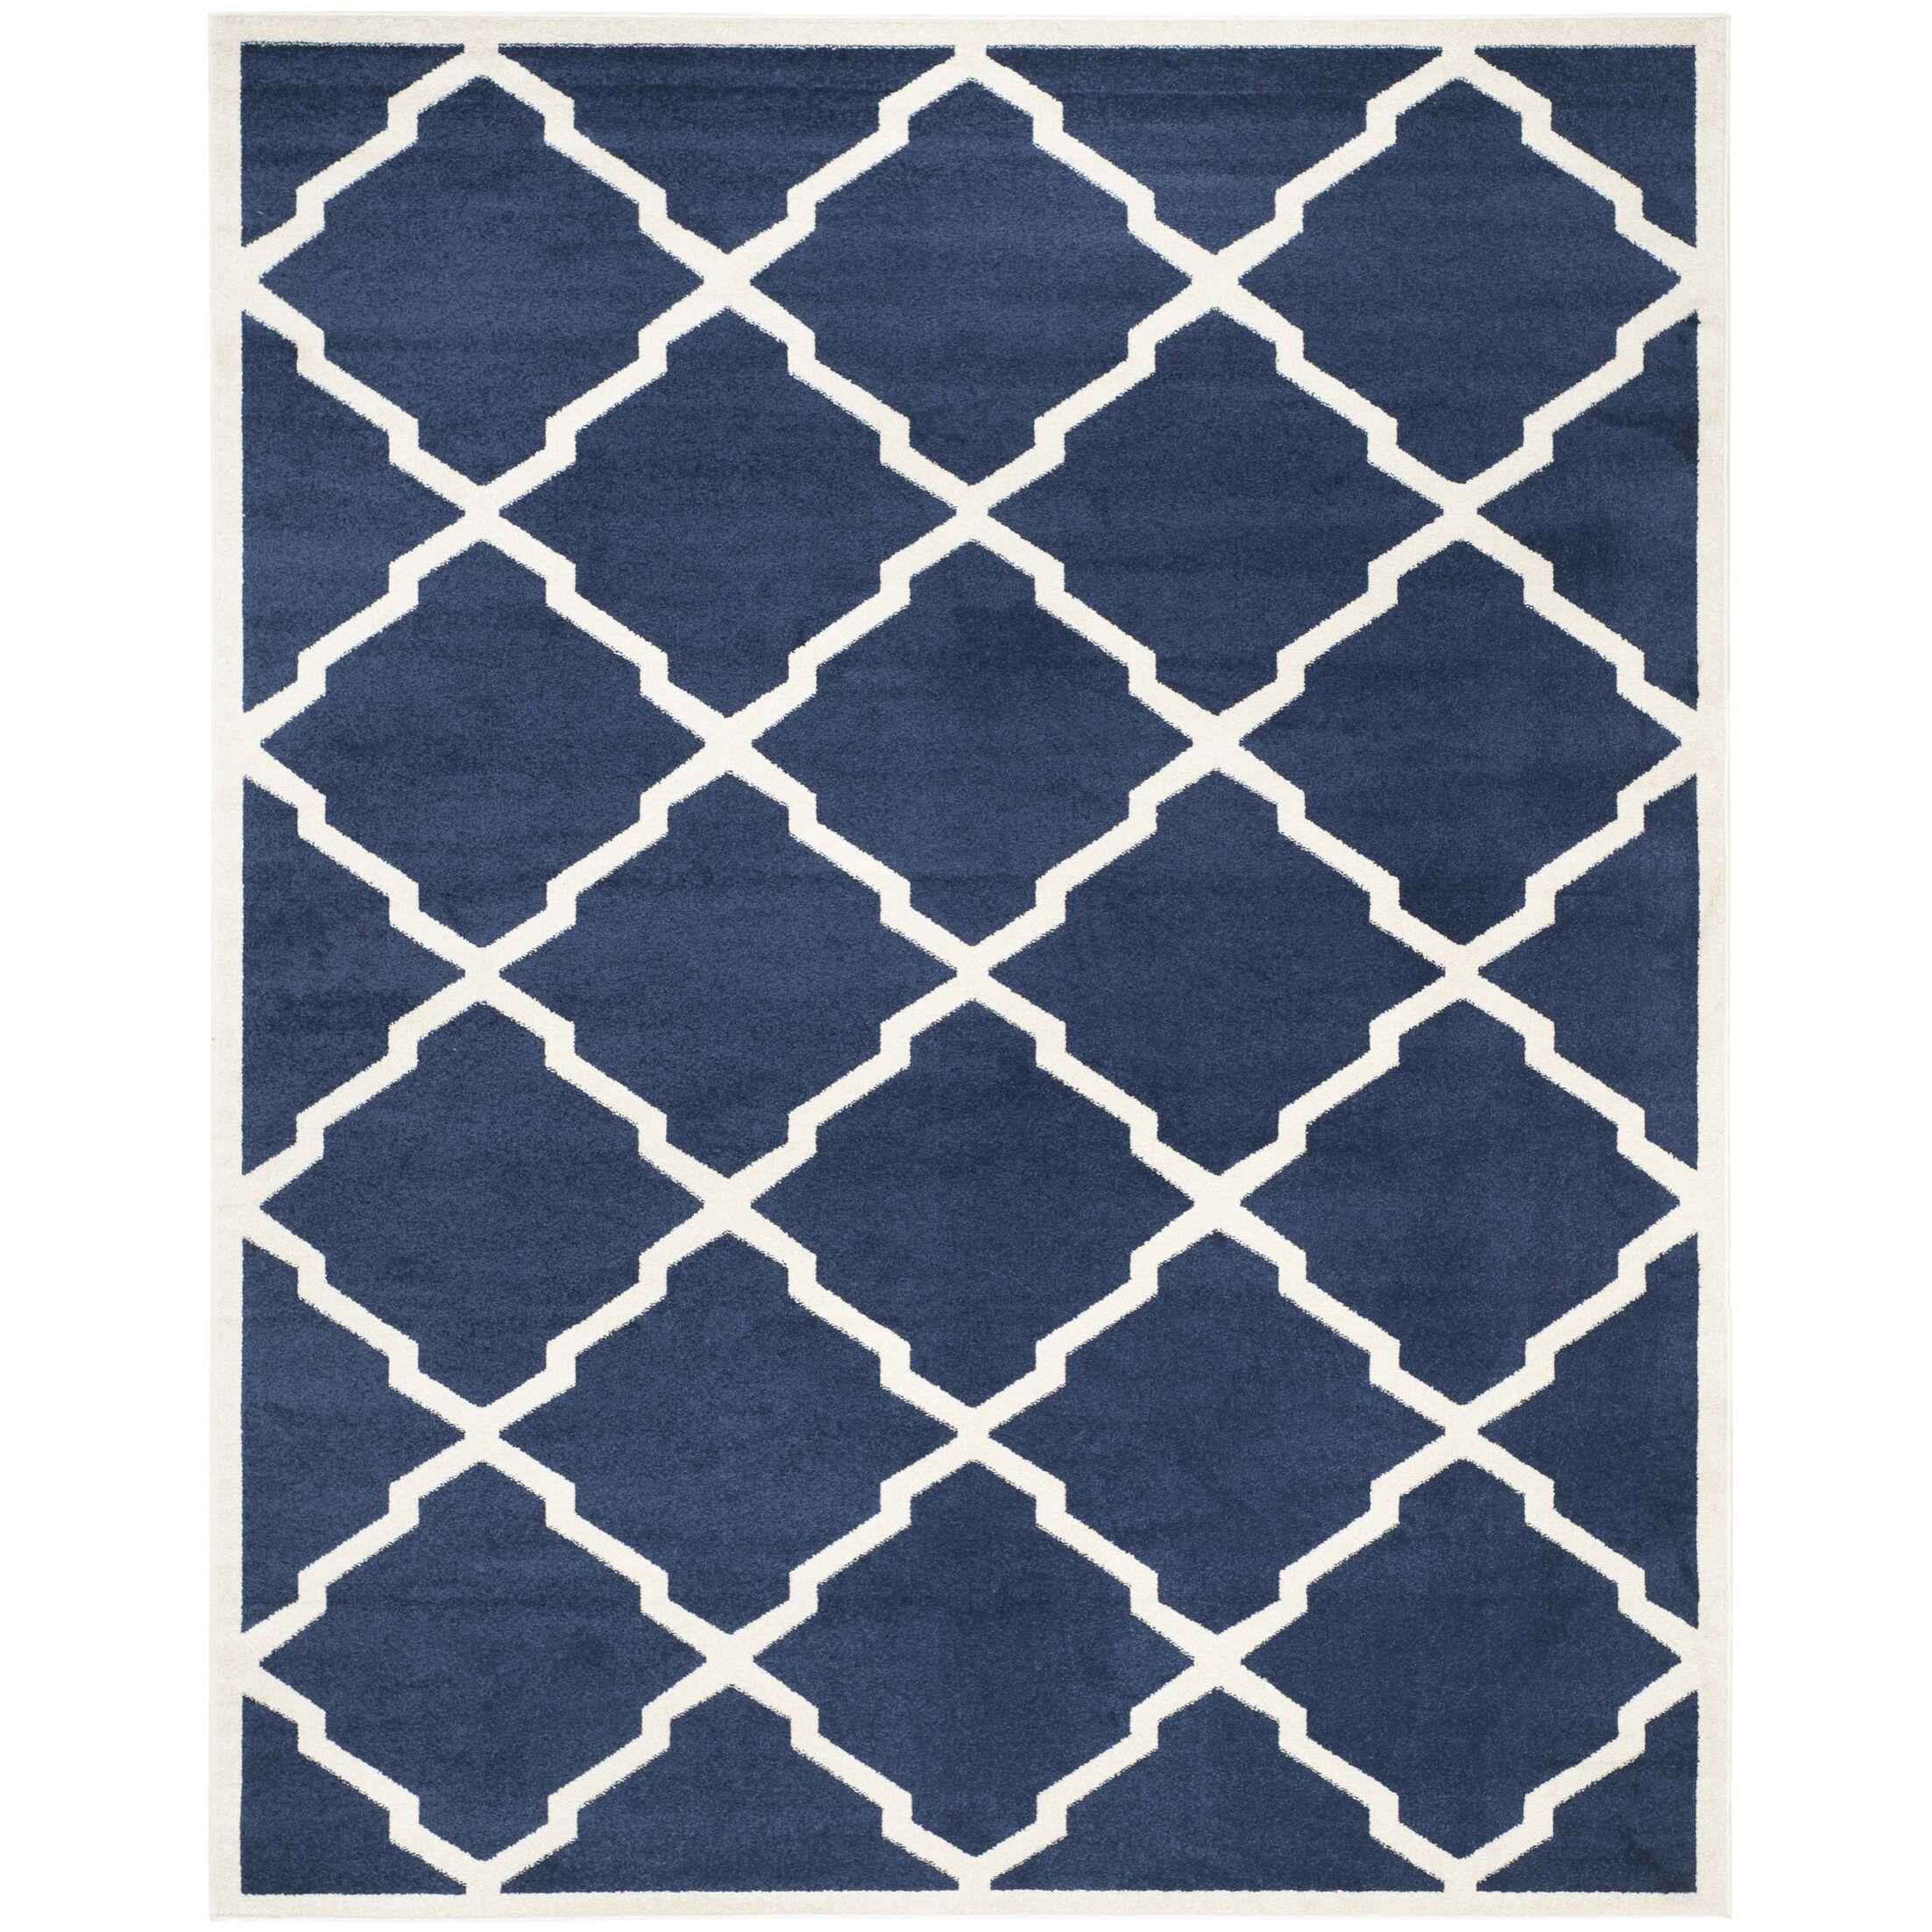 Maritza Navy/Beige Indoor/Outdoor Woven Area Rug Rug Size: Rectangle 4' x 6'